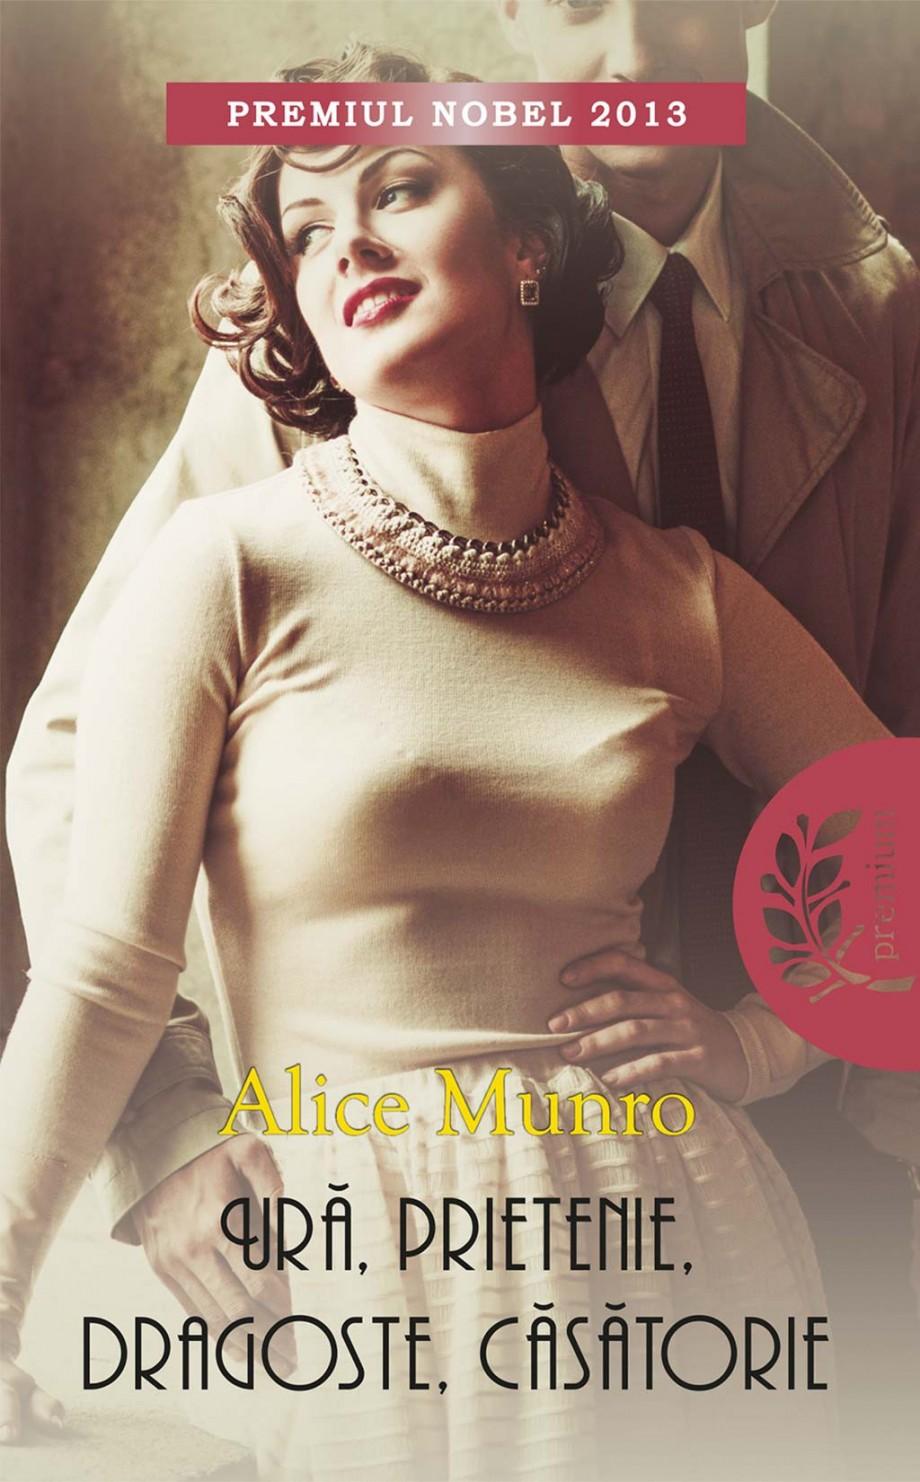 Alice-Munro-Ura-prietenie-etc